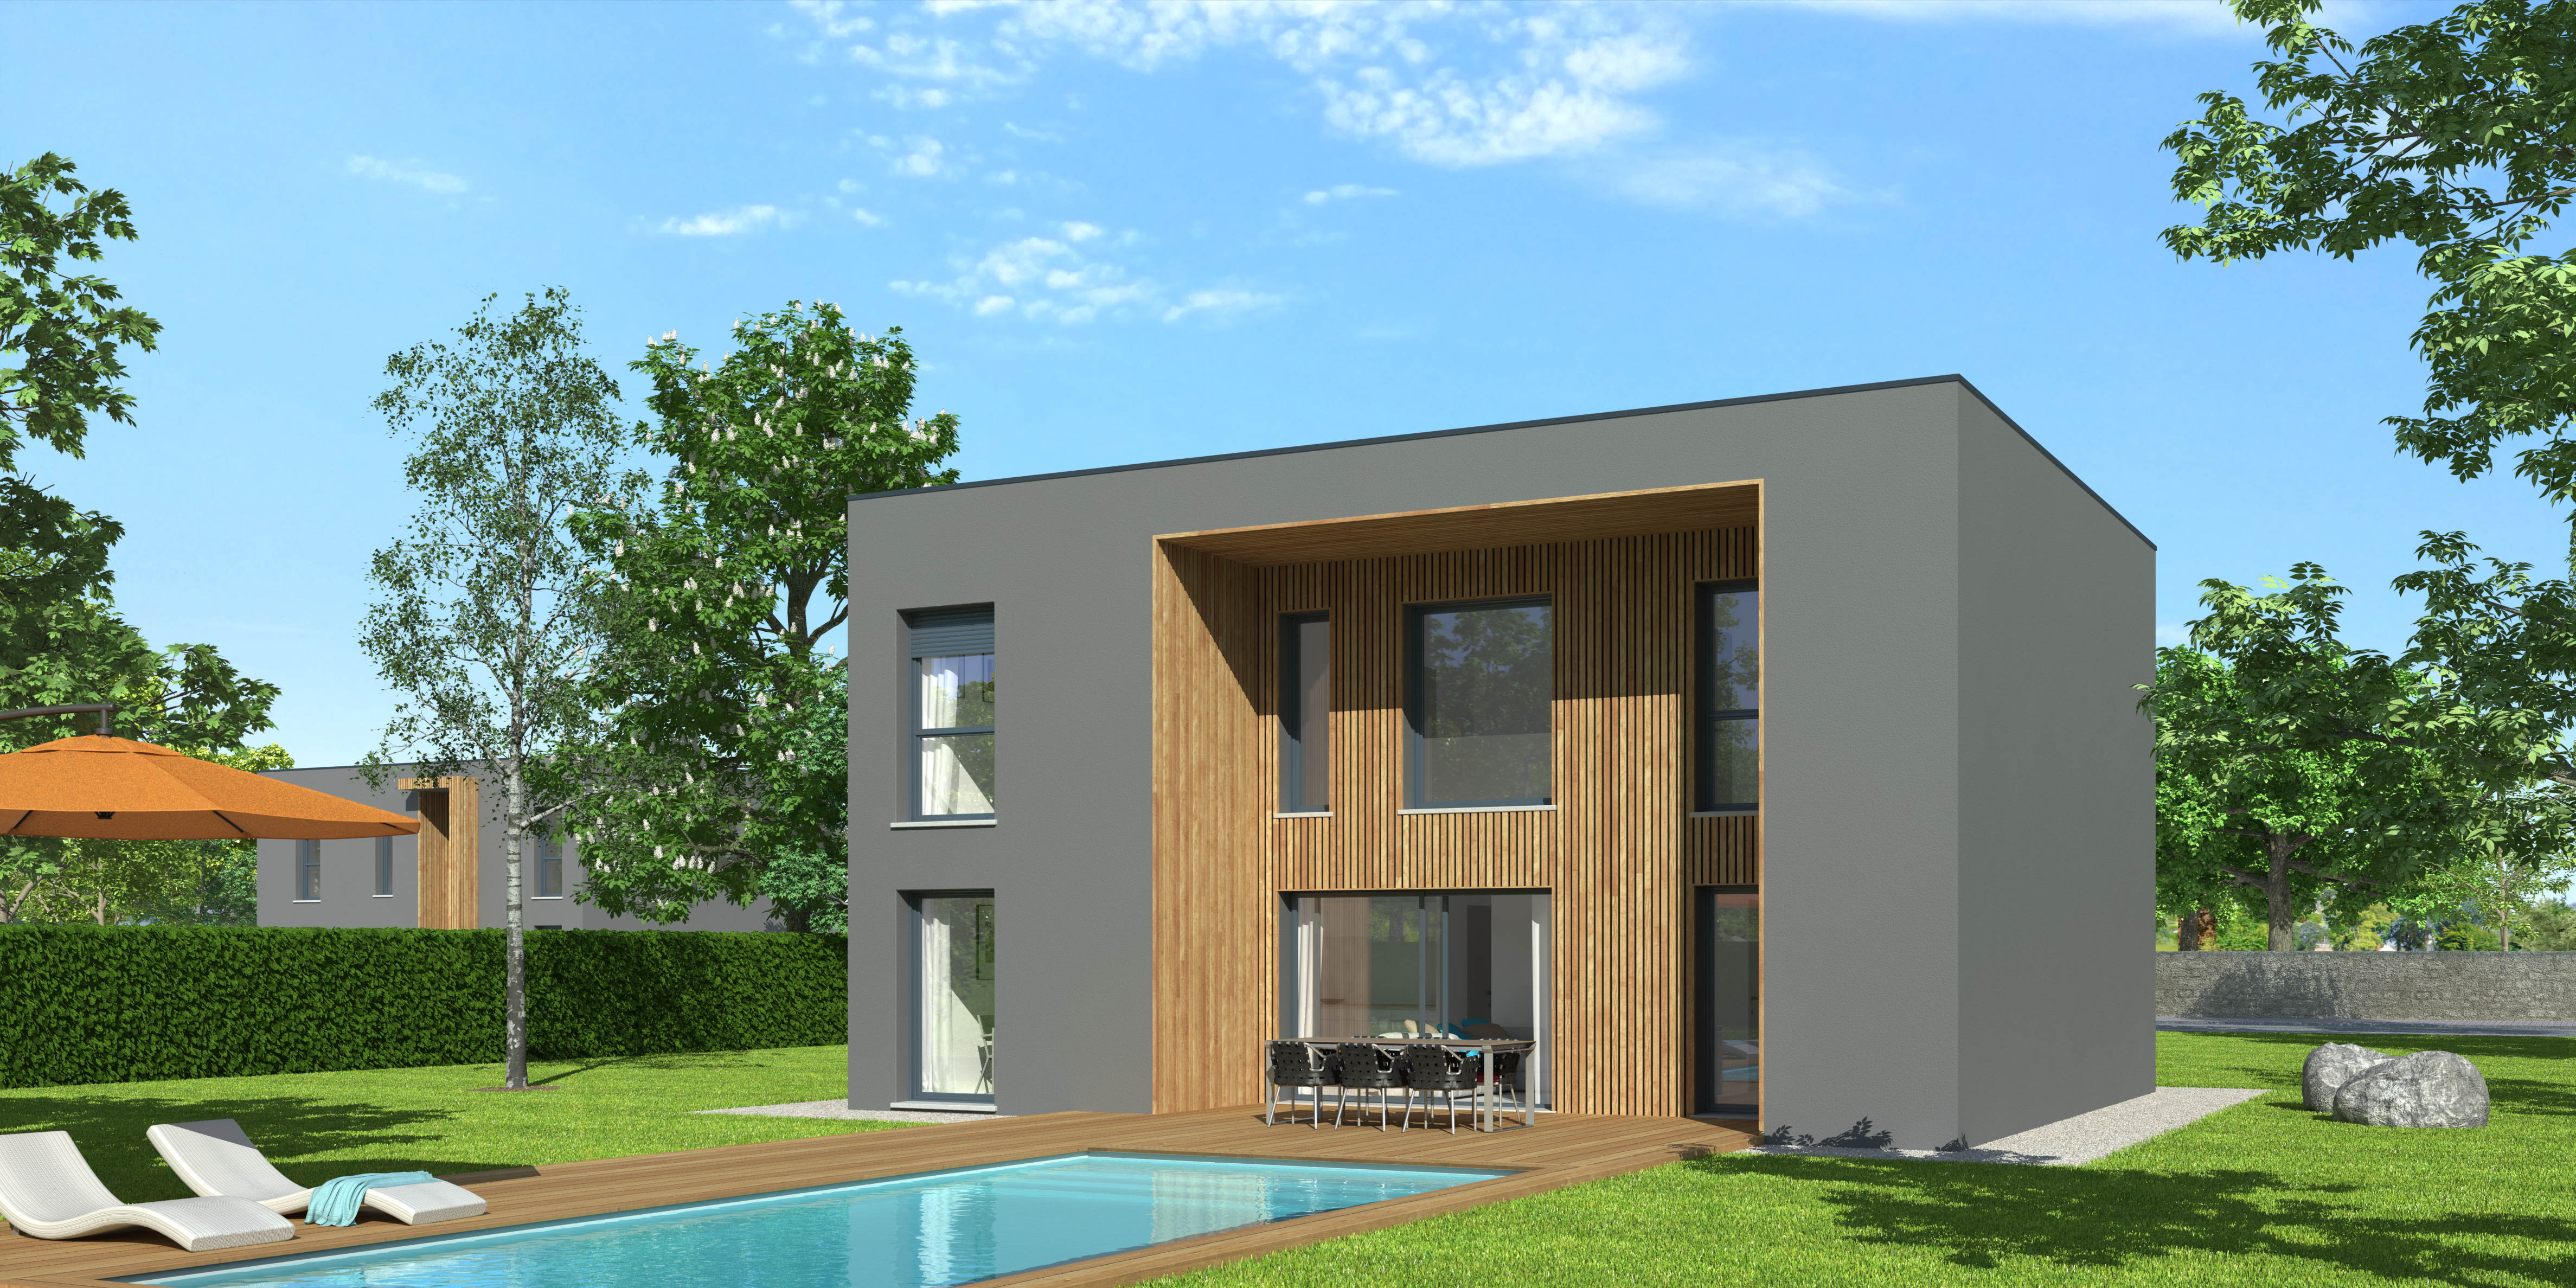 Maison Ossature Bois Bordeaux plan maison ossature bois natiswood contemporaine  natilia